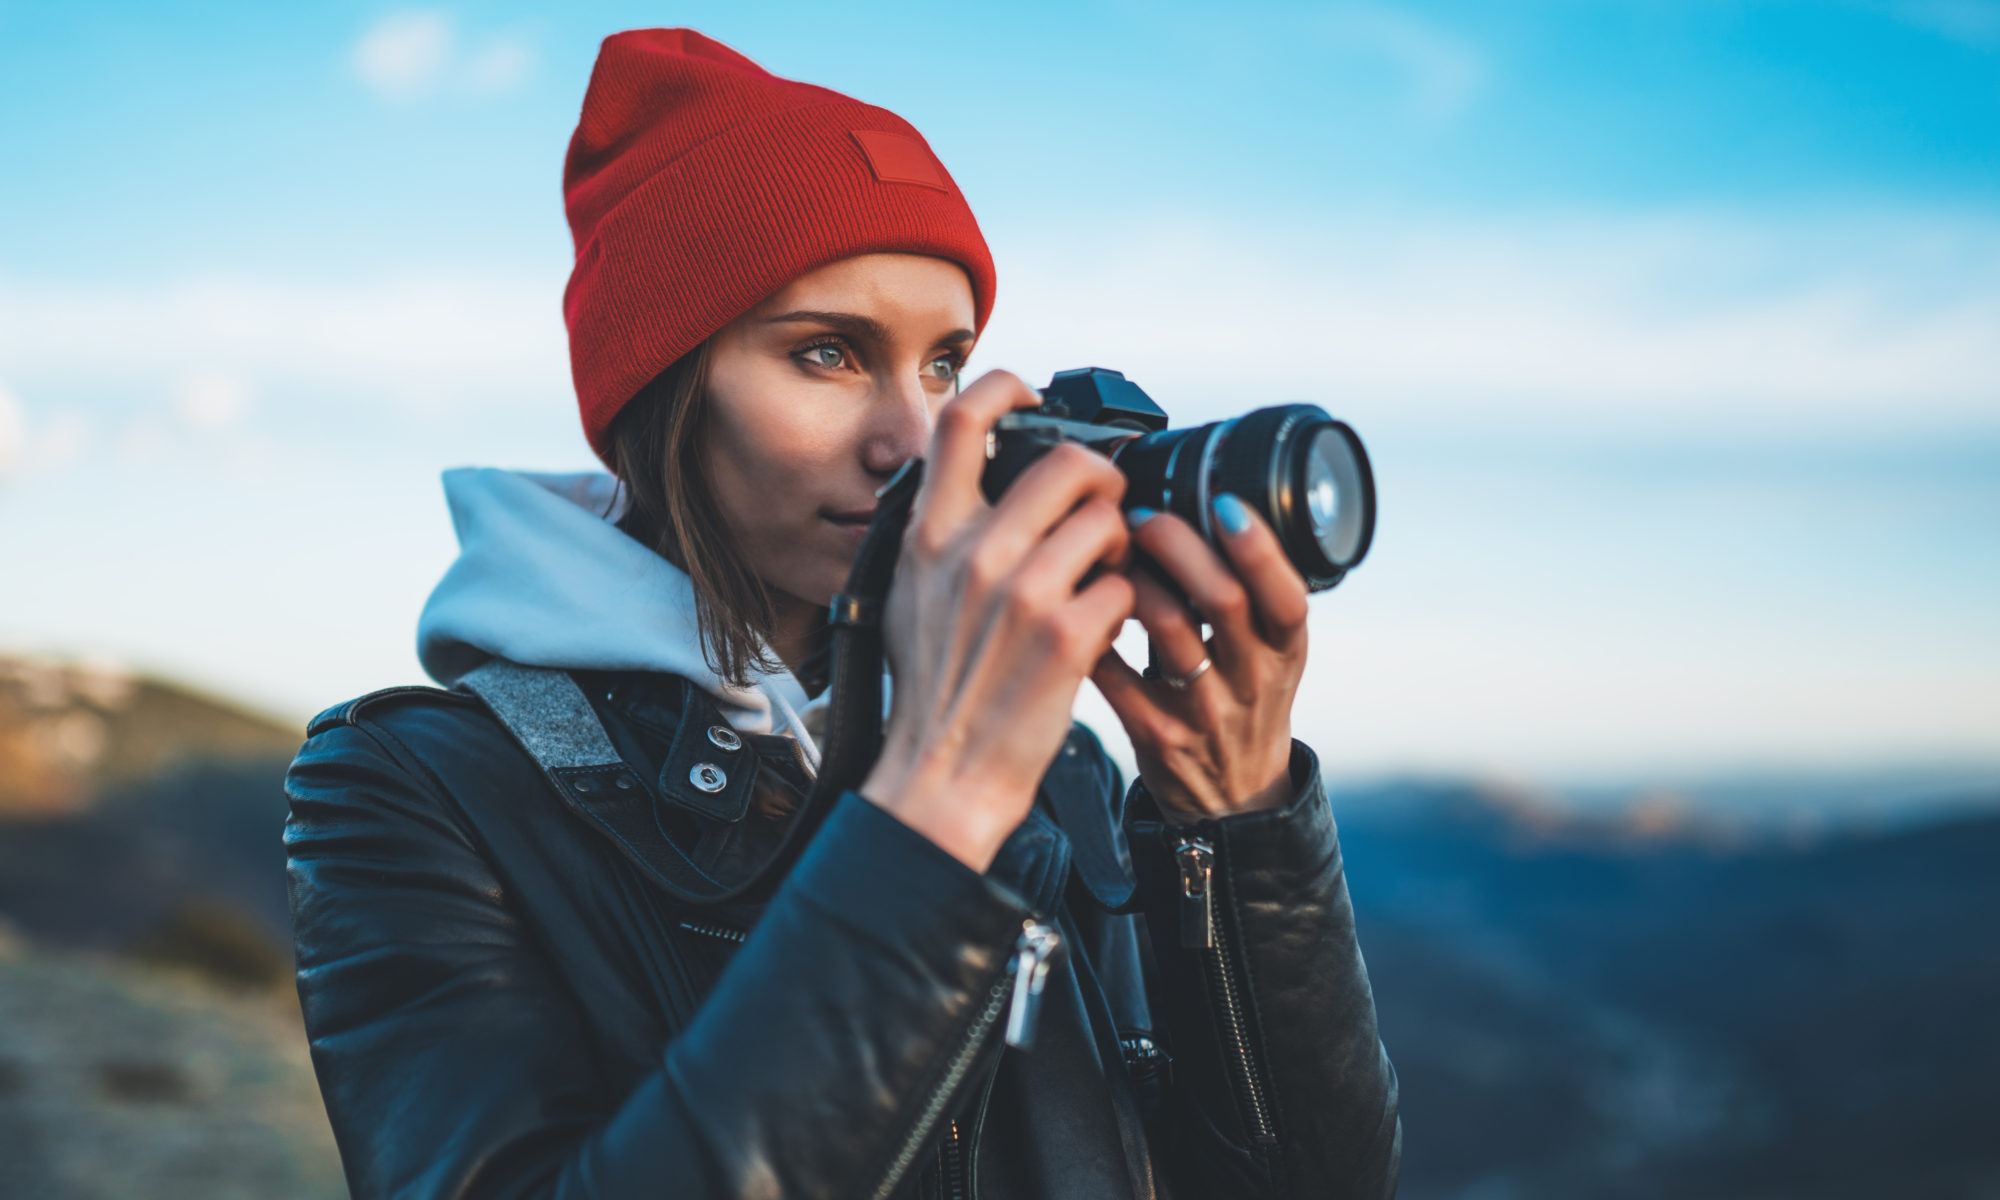 Dziewczyna w czerwonej czapce robiąca zdjęcie